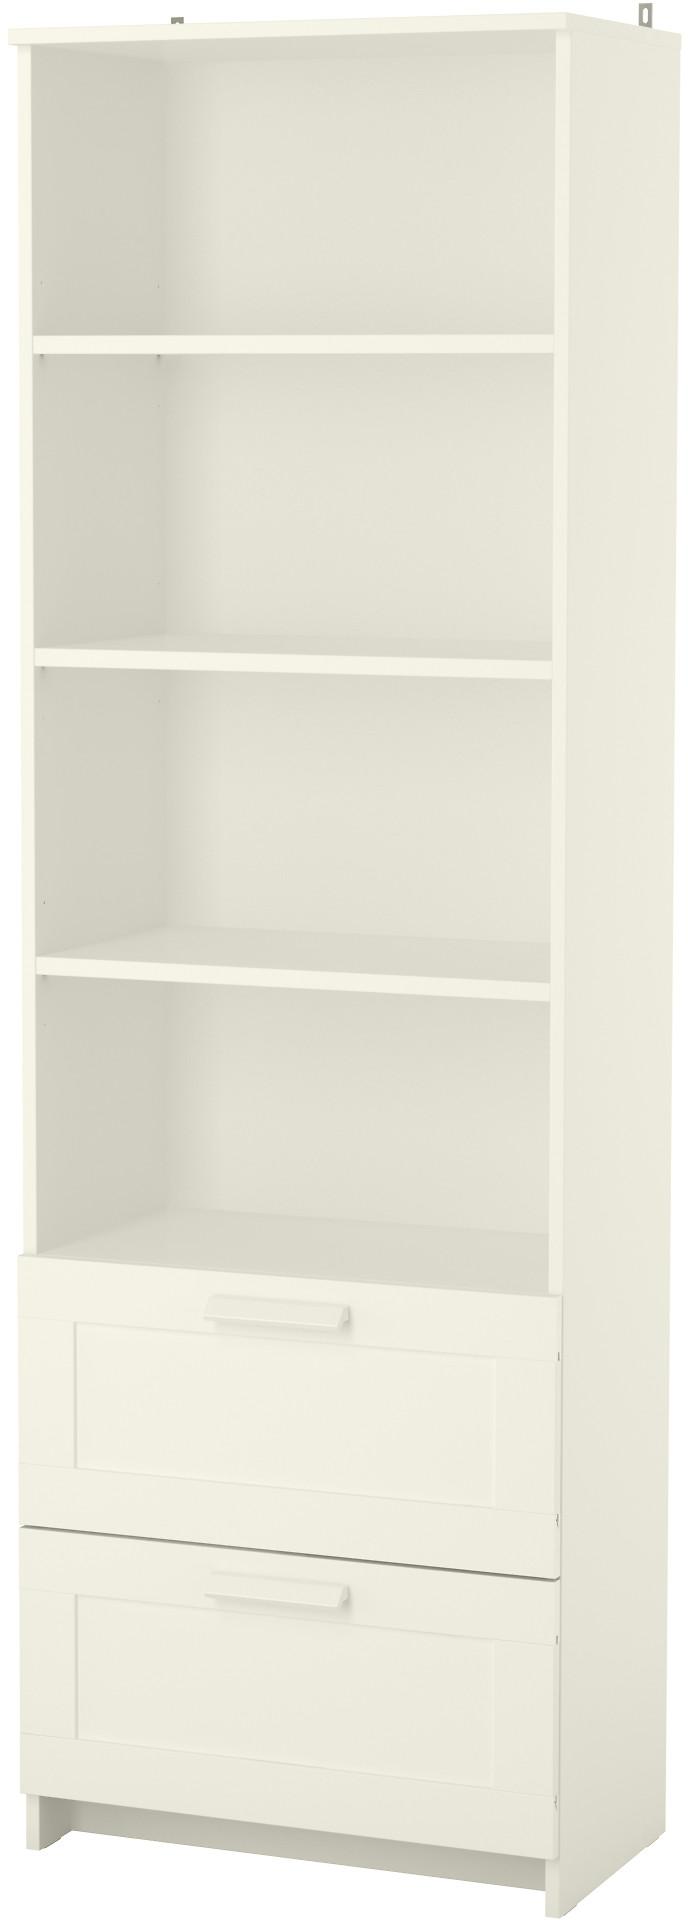 BRIMNES Bookcase - white - IKEA